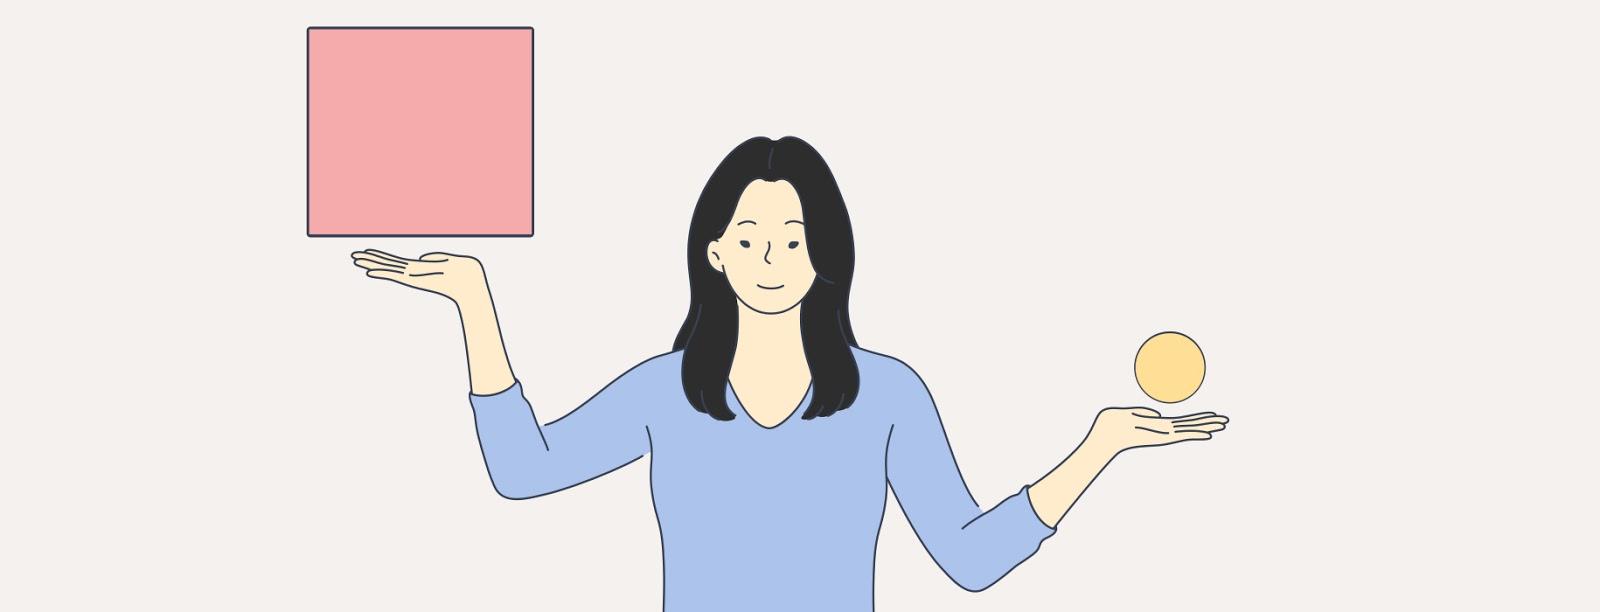 """Иллюстрация женщины, балансирующей в воздухе """"width ="""" 1600 """"height ="""" 612 """"/>    <figcaption> Размещение веб-дизайна часто кажется балансирующим действием. Иллюстрация OrangeCrush </figcaption></figure> <p> Хорошим примером этого являются сайты электронной торговли. Лучшие из них не допускают индивидуального брендинга в основном за пределы пользовательского опыта. Вместо этого они действуют как портал, через который клиенты могут узнавать и покупать адаптированные продукты. к ним. </p> <p> Обычно хорошо спроектированные сайты электронной коммерции напоминают пользователю, на каком сайте они находятся, только в одном (очень важном) пункте: сразу после того, как они завершат плавный, цельный и легкий процесс покупки определенного товара. </p> <figure data-id="""